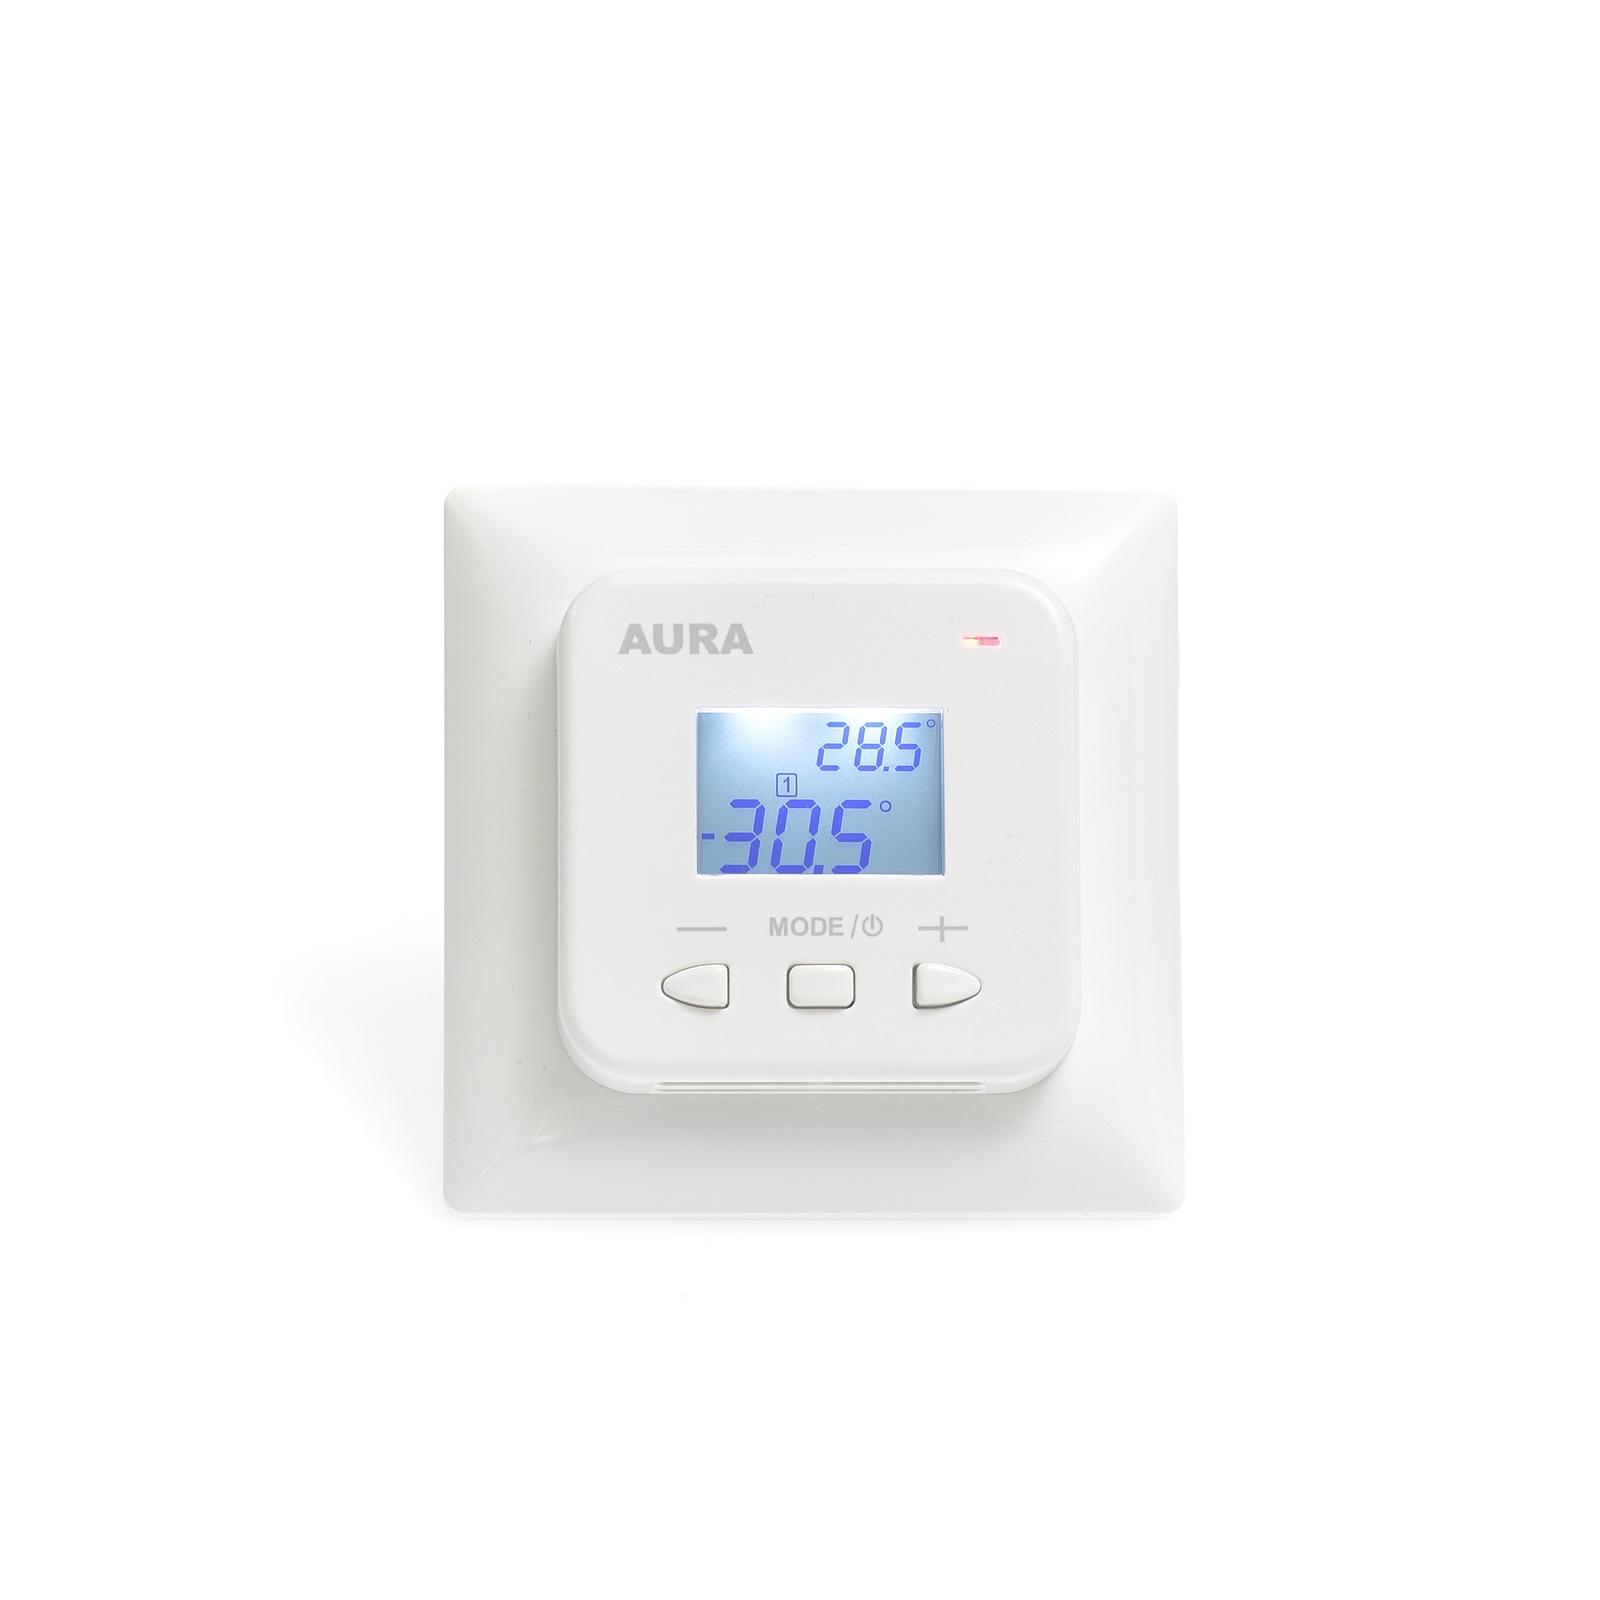 Фото - Регулятор теплого пола AURA LTC 440, 3201440, белый терморегулятор aura ltc 530 white